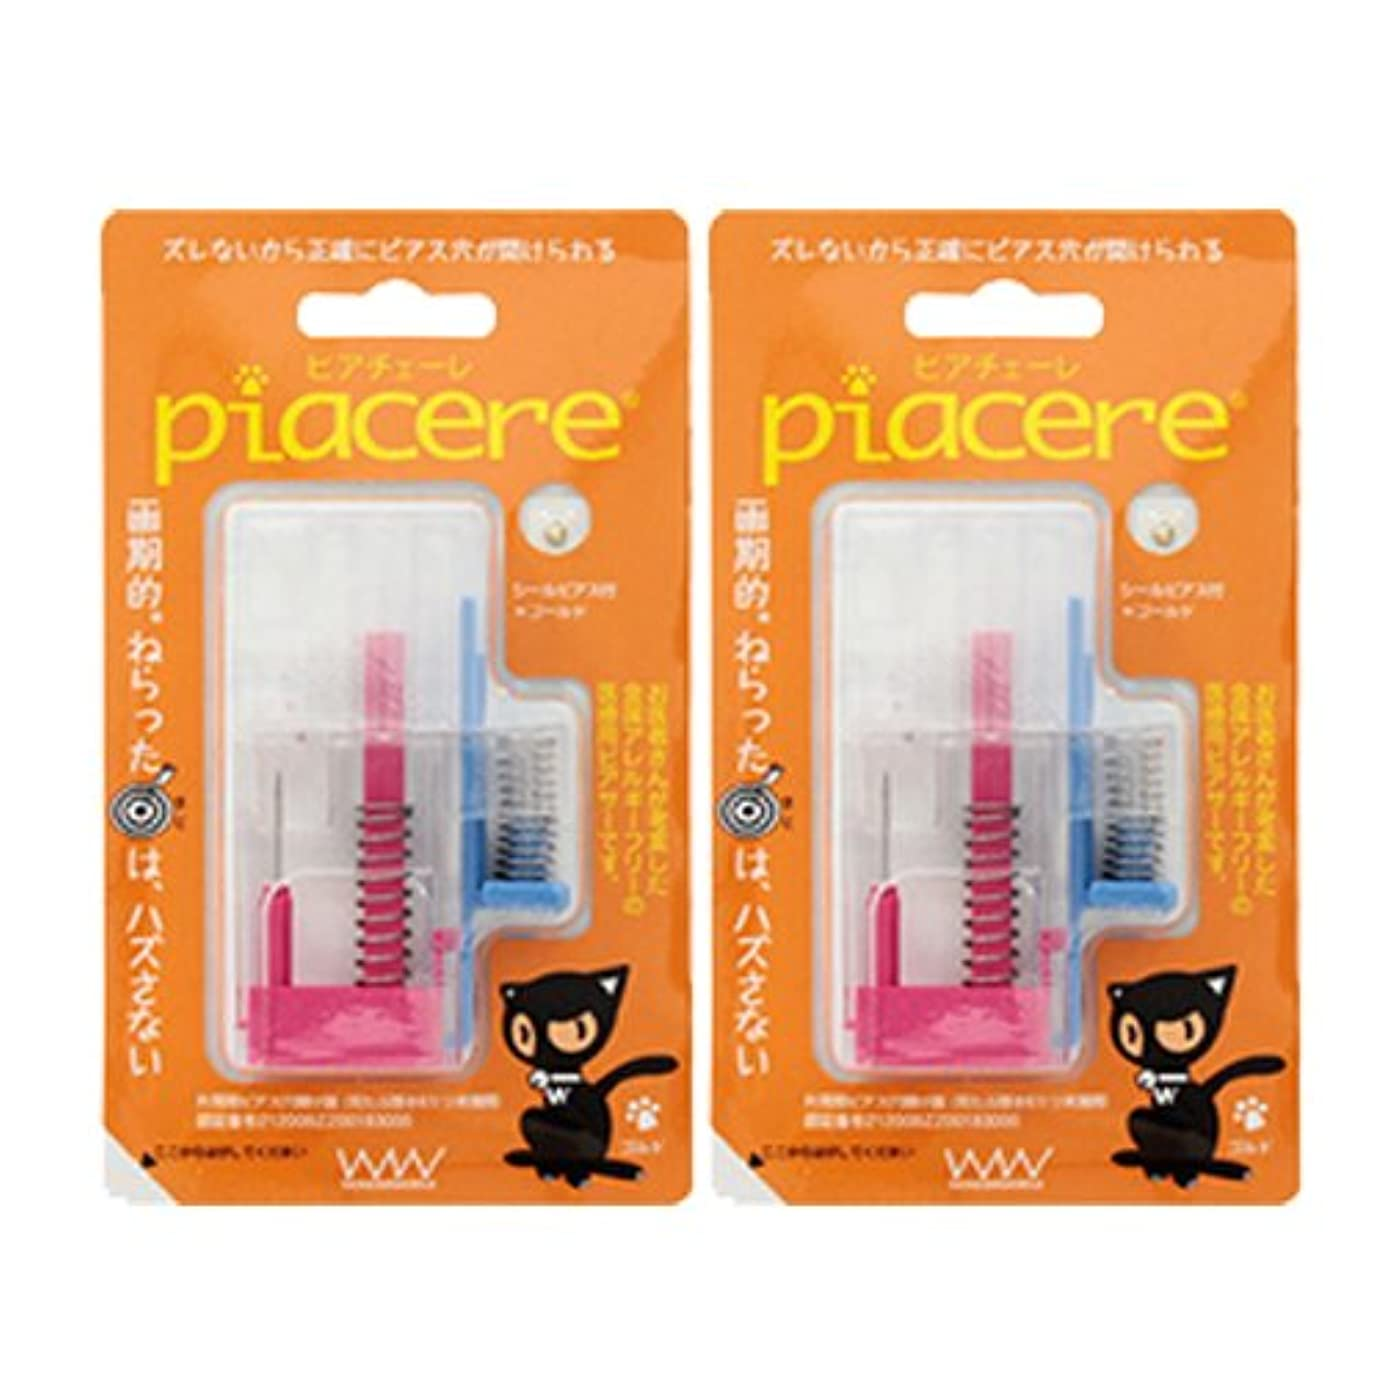 機会広まったアナリストピアッサー ピアチェーレ 医療用樹脂製ピアサー piacere 2個セット (ゴールドxゴールド) | 両耳用